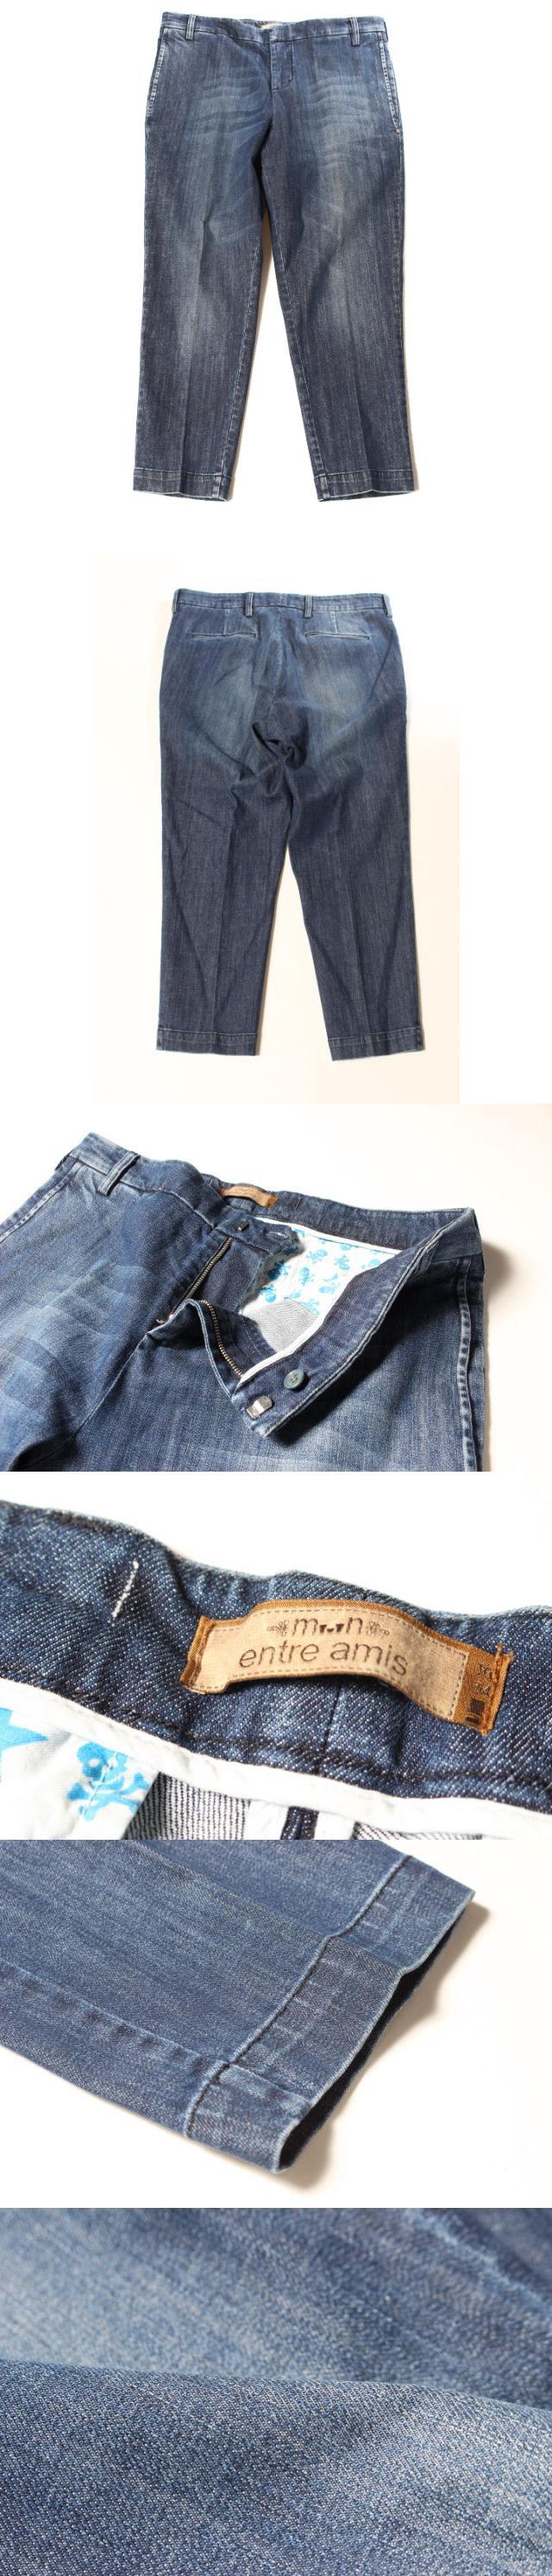 アントレアミ ENTRE AMIS センタープレス デニム パンツ ジーンズ 34 青 ブルー /ka0410